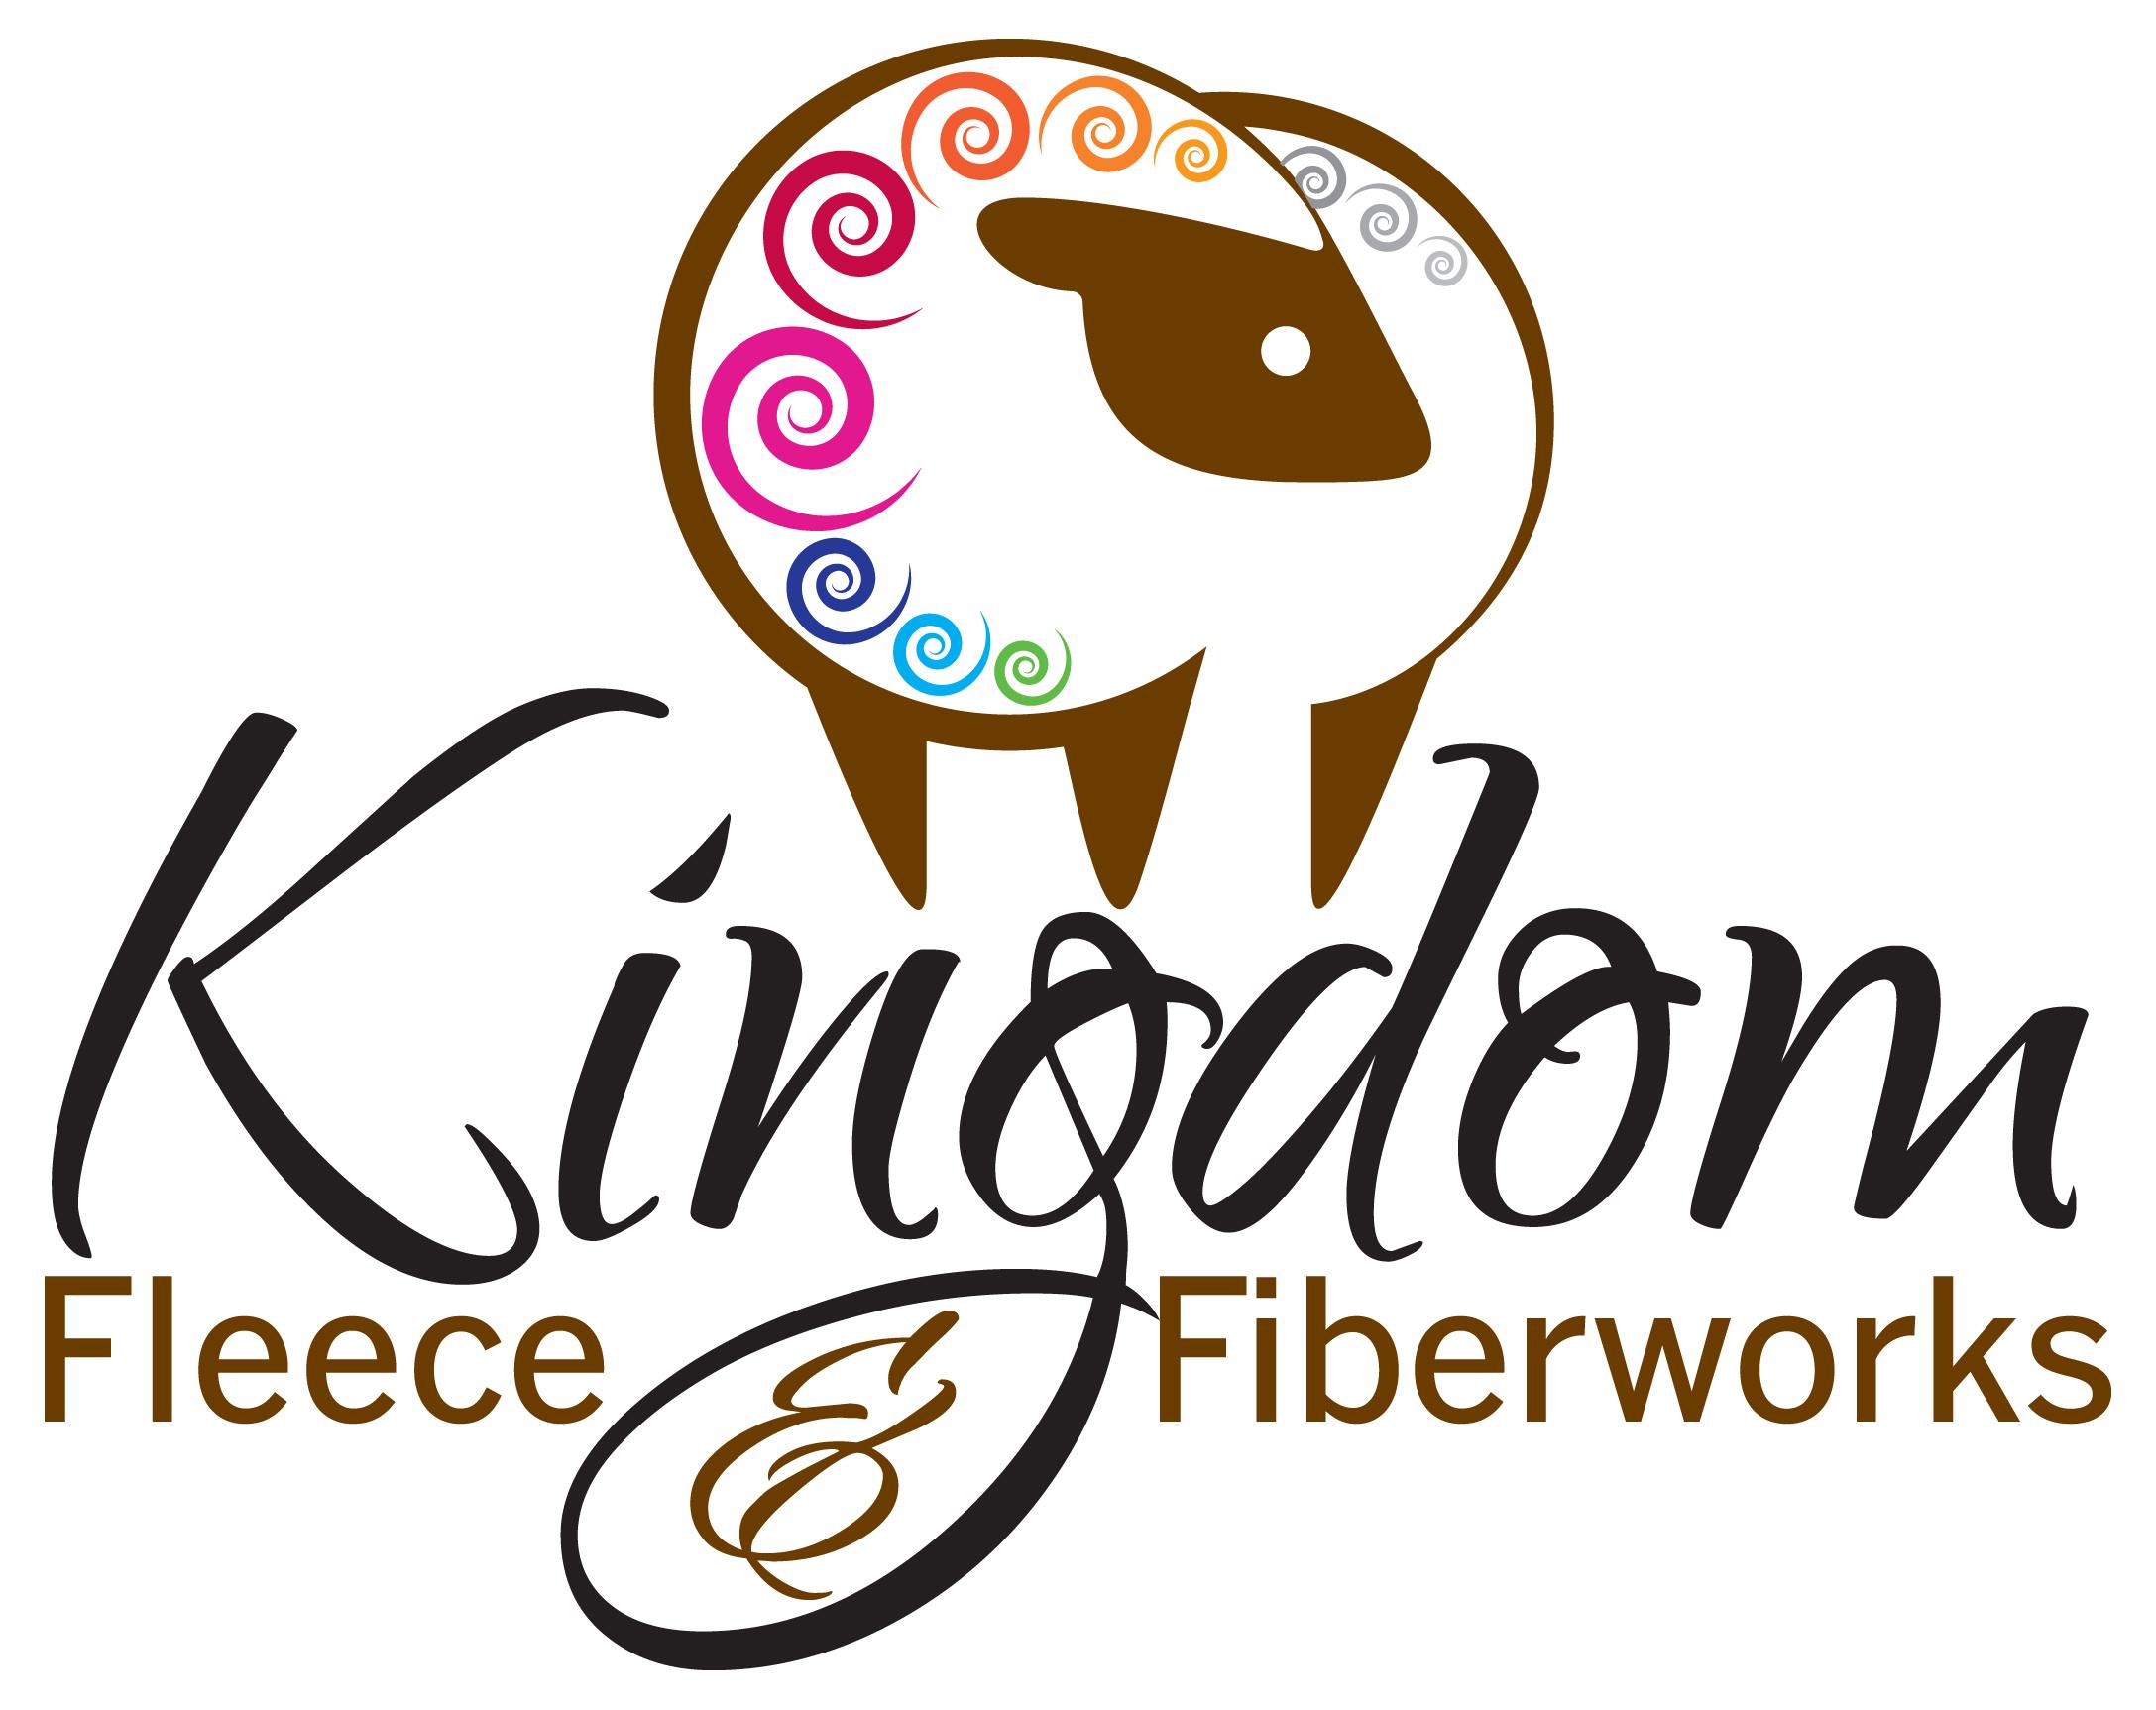 Kingdom Fleece and Fiberworks image